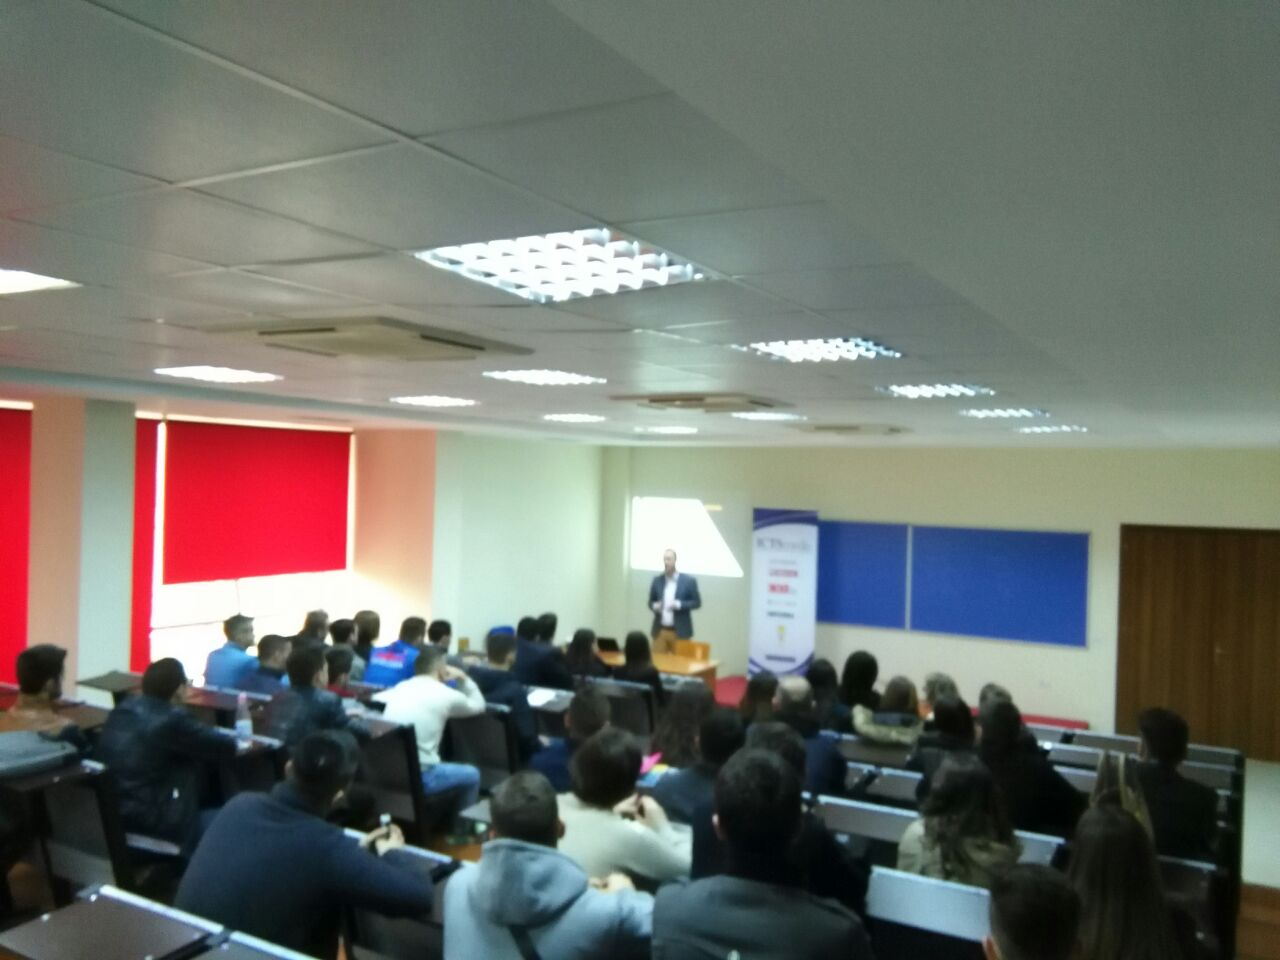 Sot Albanian ICT Awards vizitoi Fakultetin të Shkencave të Natyrës në UT kur na ndan një ditë nga mbyllja e aplikimeve